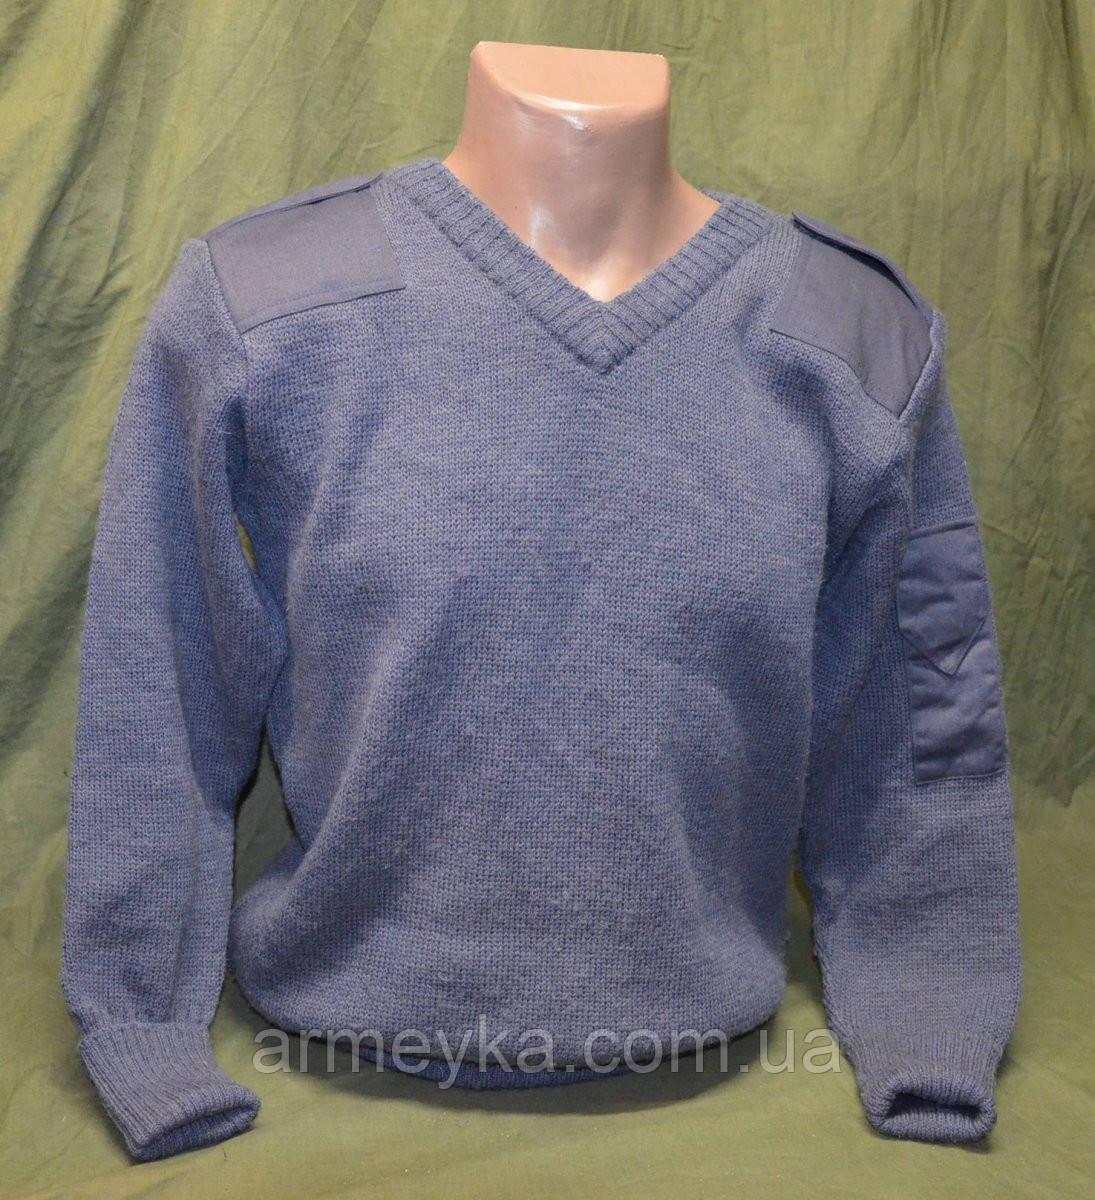 Шерстянные свитера Британские ВС( серый)